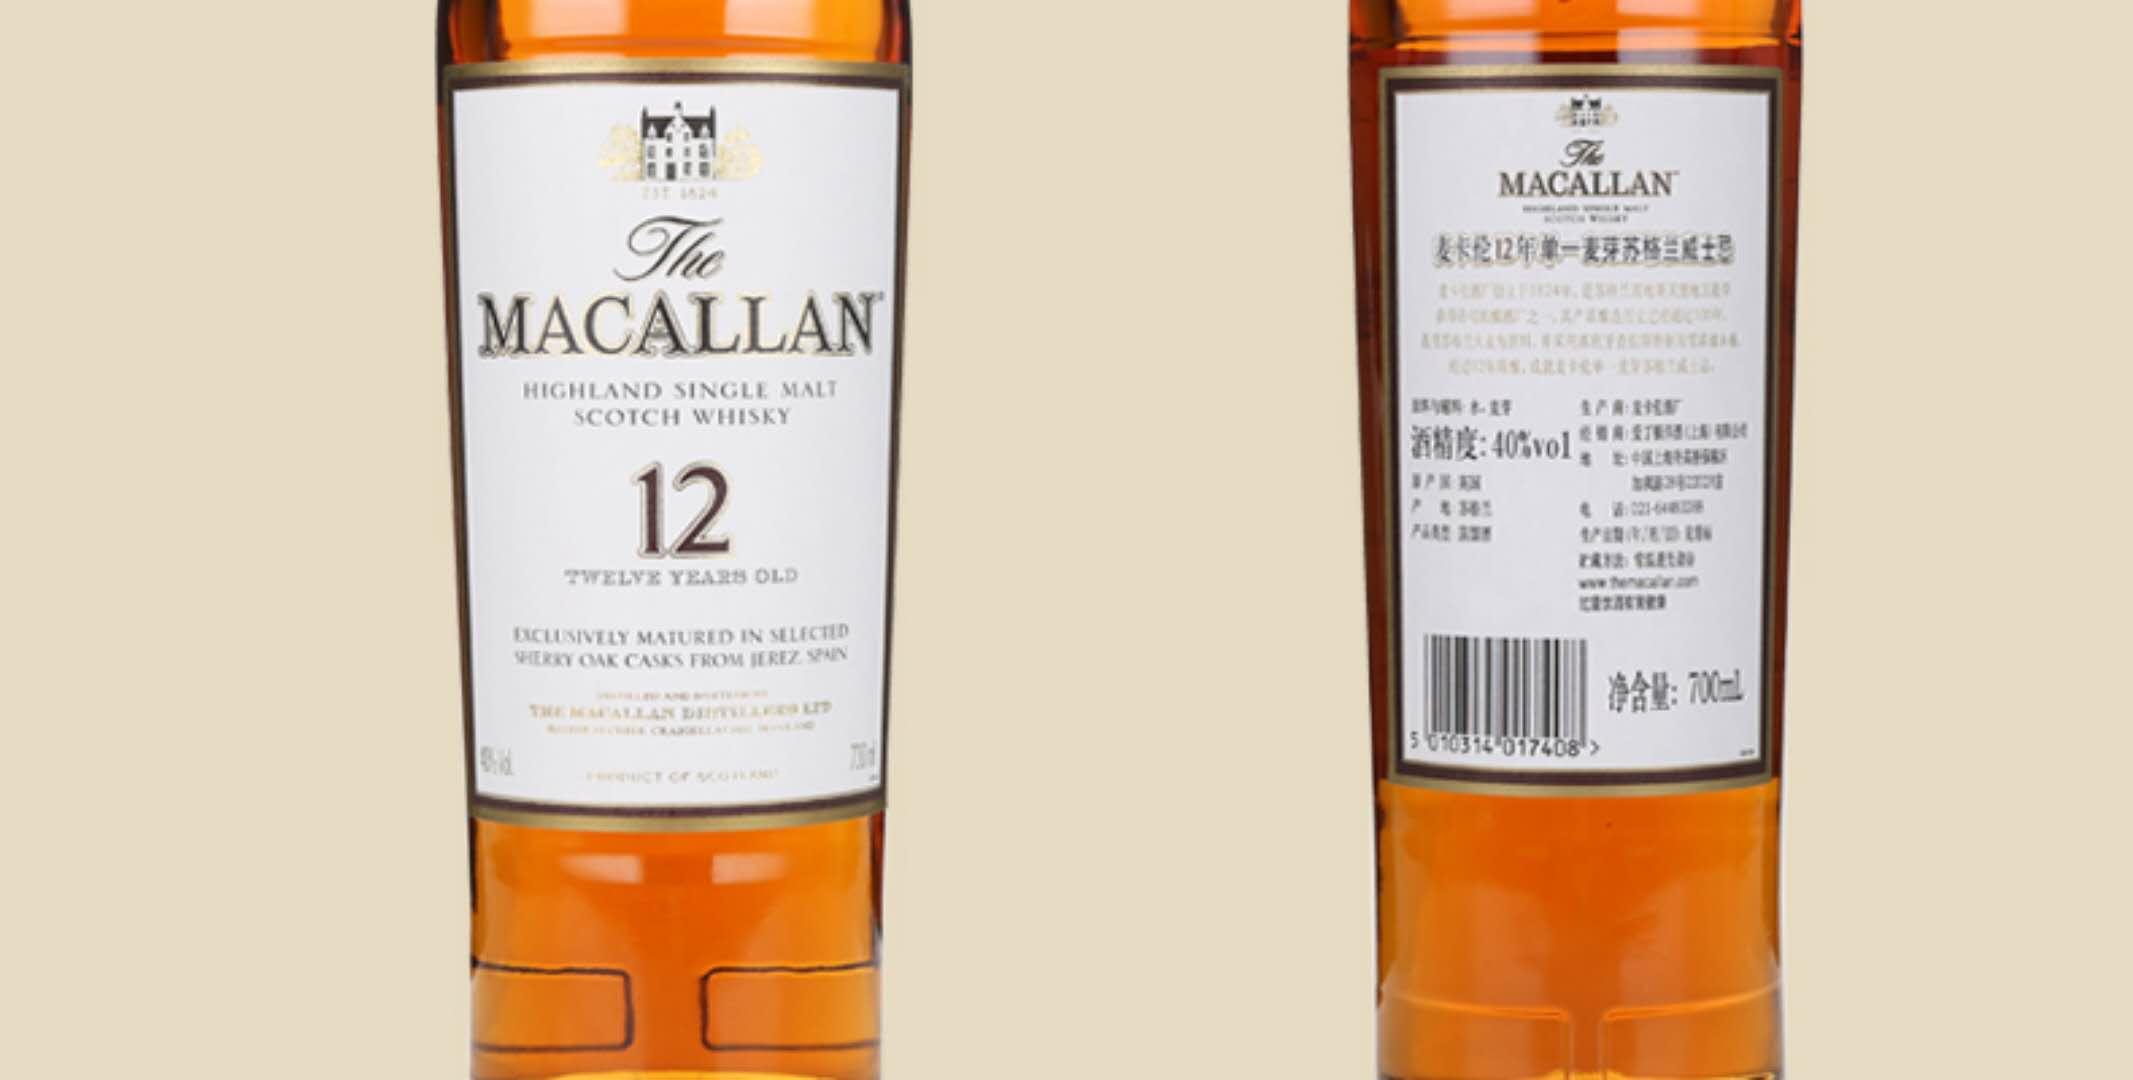 东莞洋酒招商,东莞苏格兰威士忌加盟电话,东莞12年苏格兰威士忌招商代理,东莞苏格兰威士忌纯麦代理,苏格兰威士忌加盟